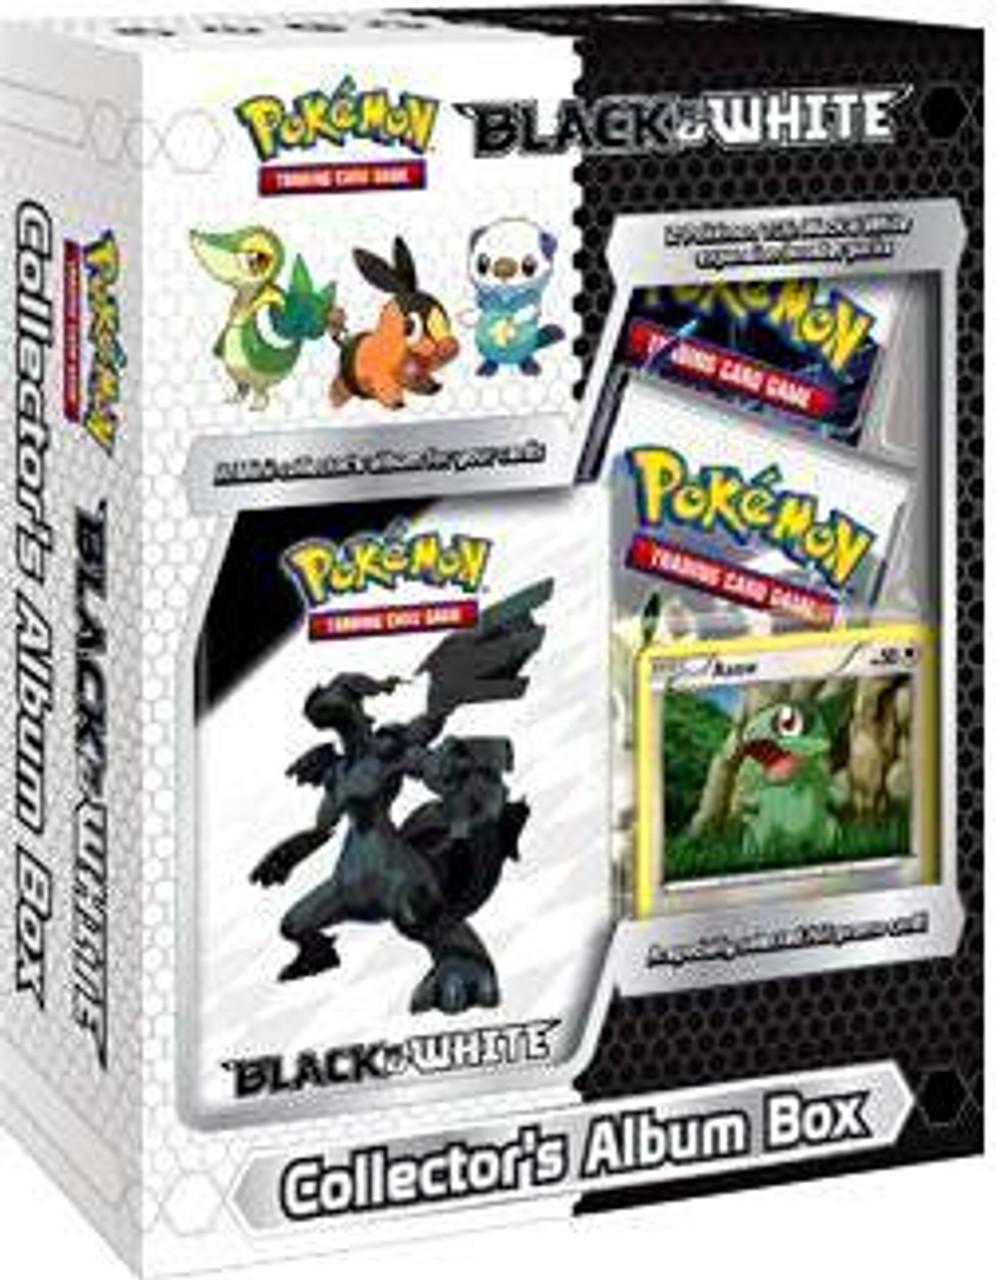 Pokemon Black & White Mini Collector's Album Box